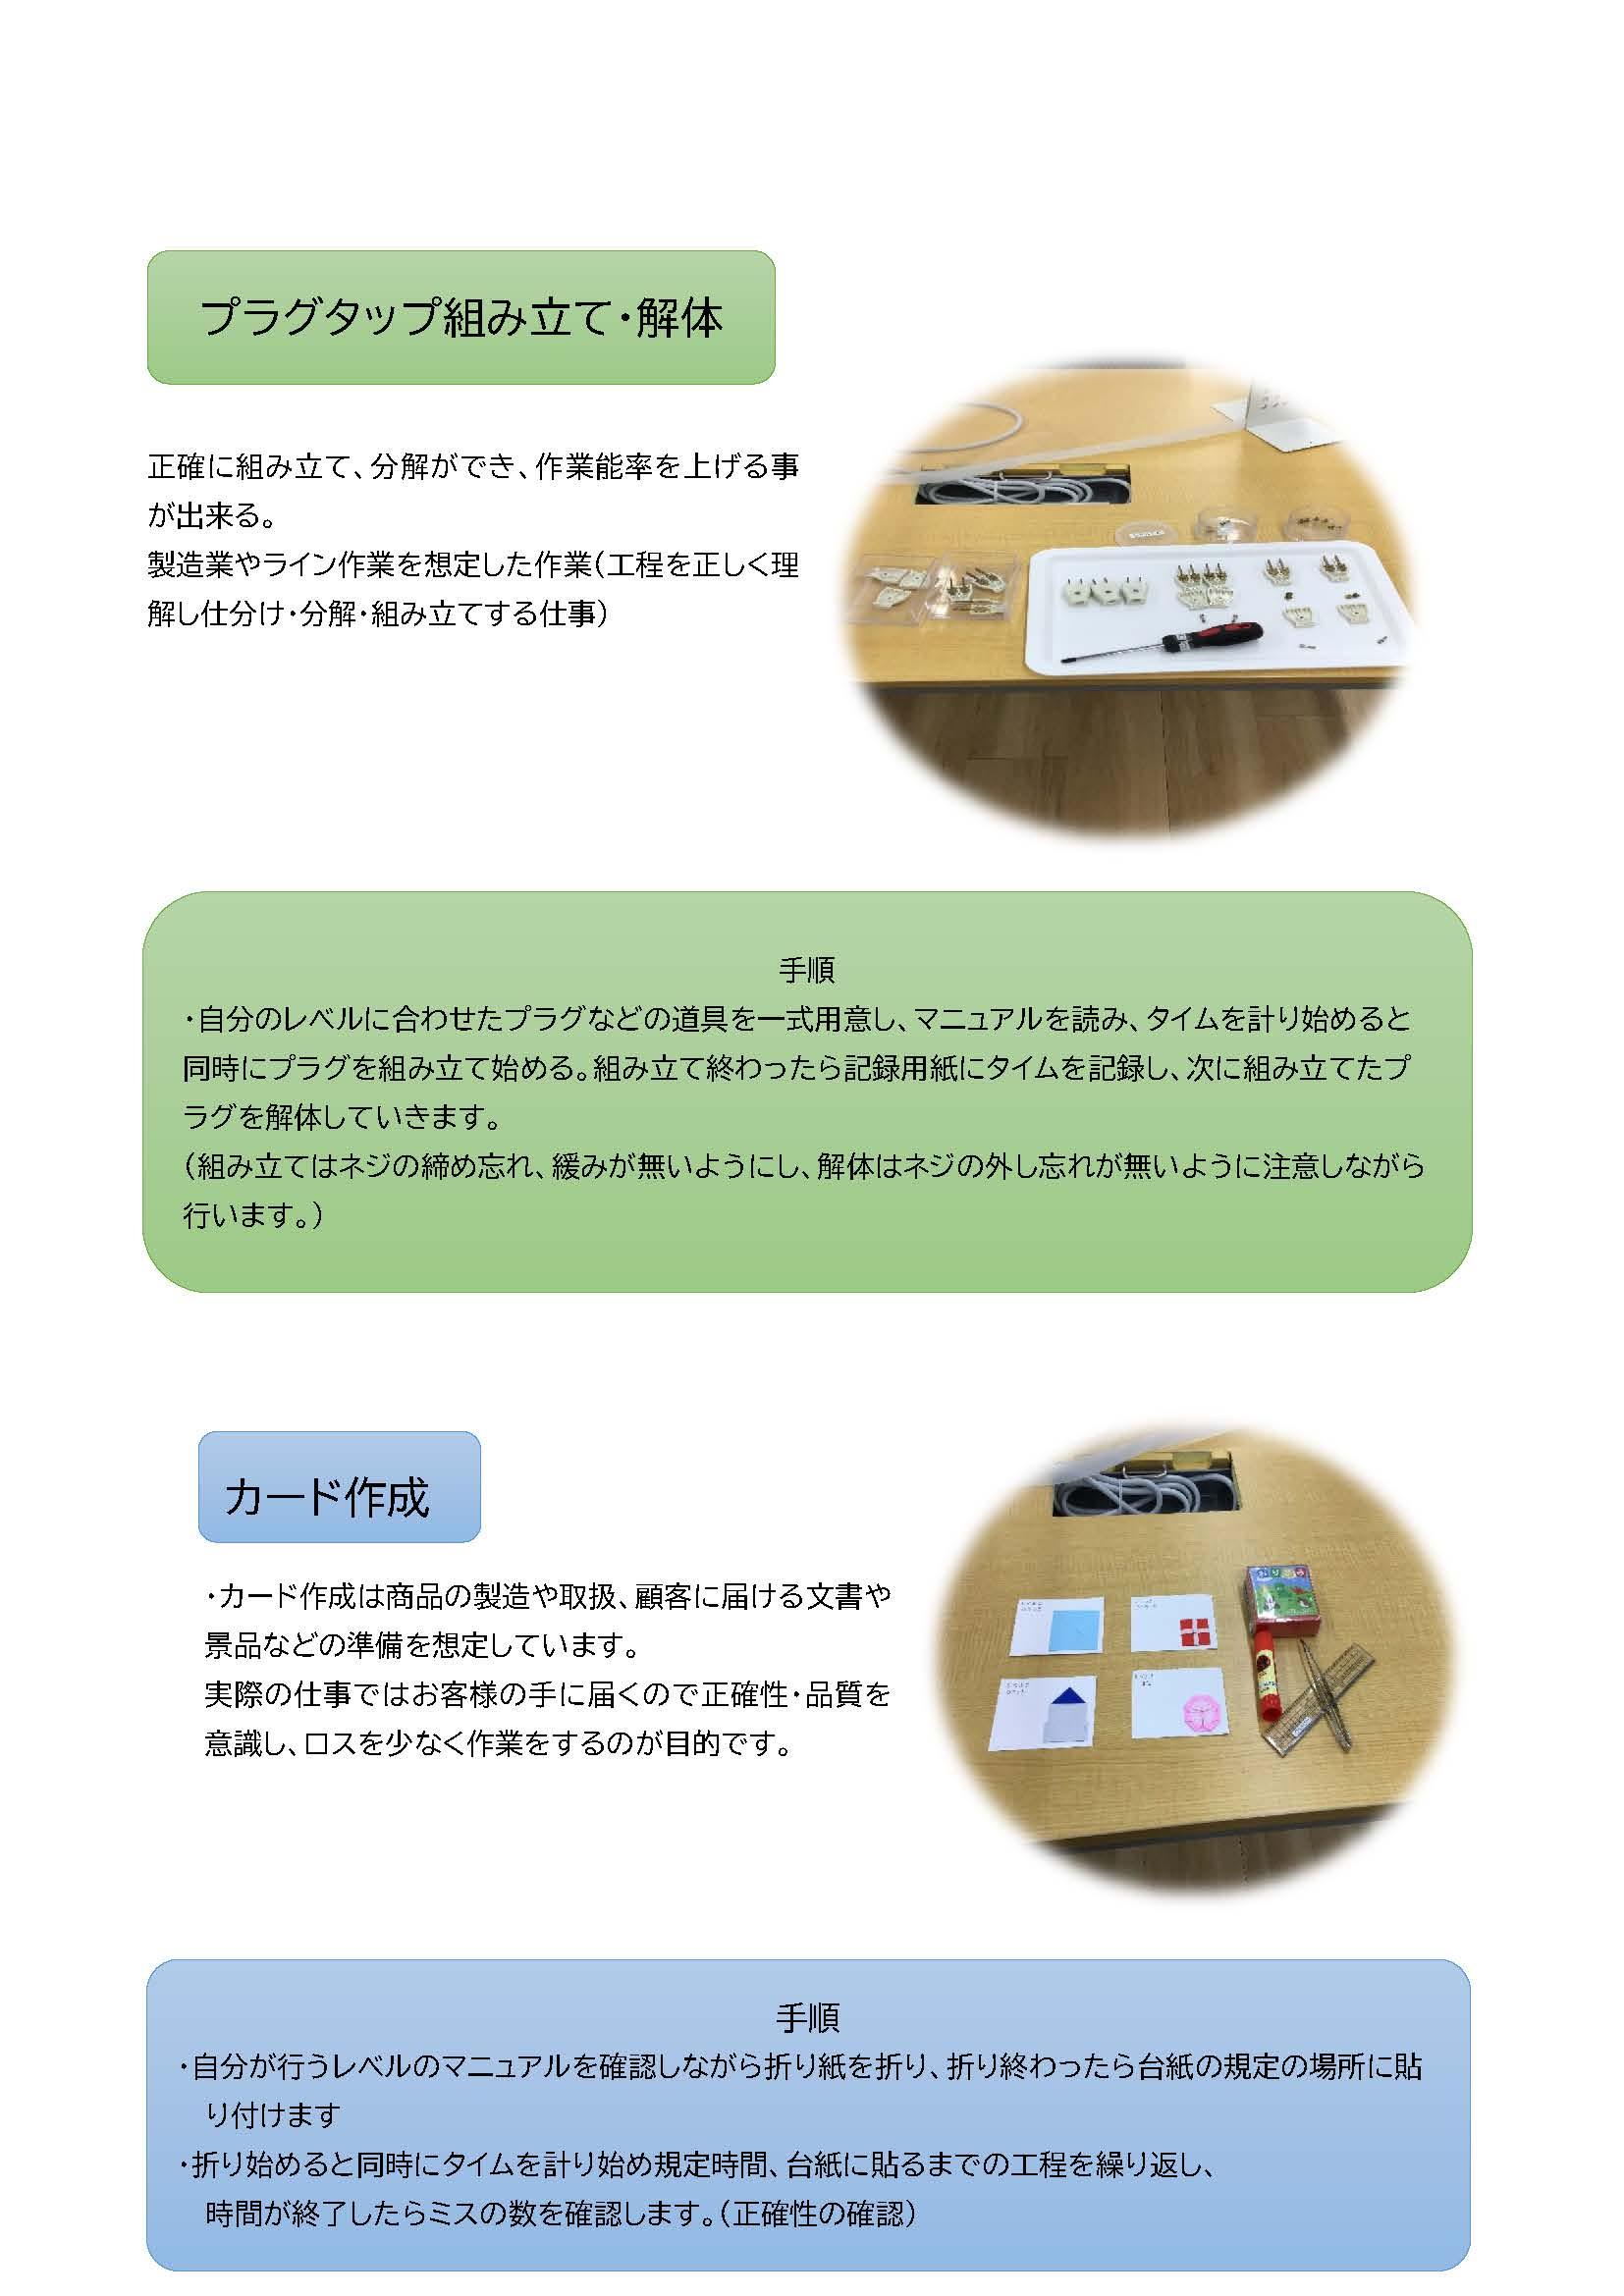 【ウェブ掲載】9月草加駅東口センター_ページ_2